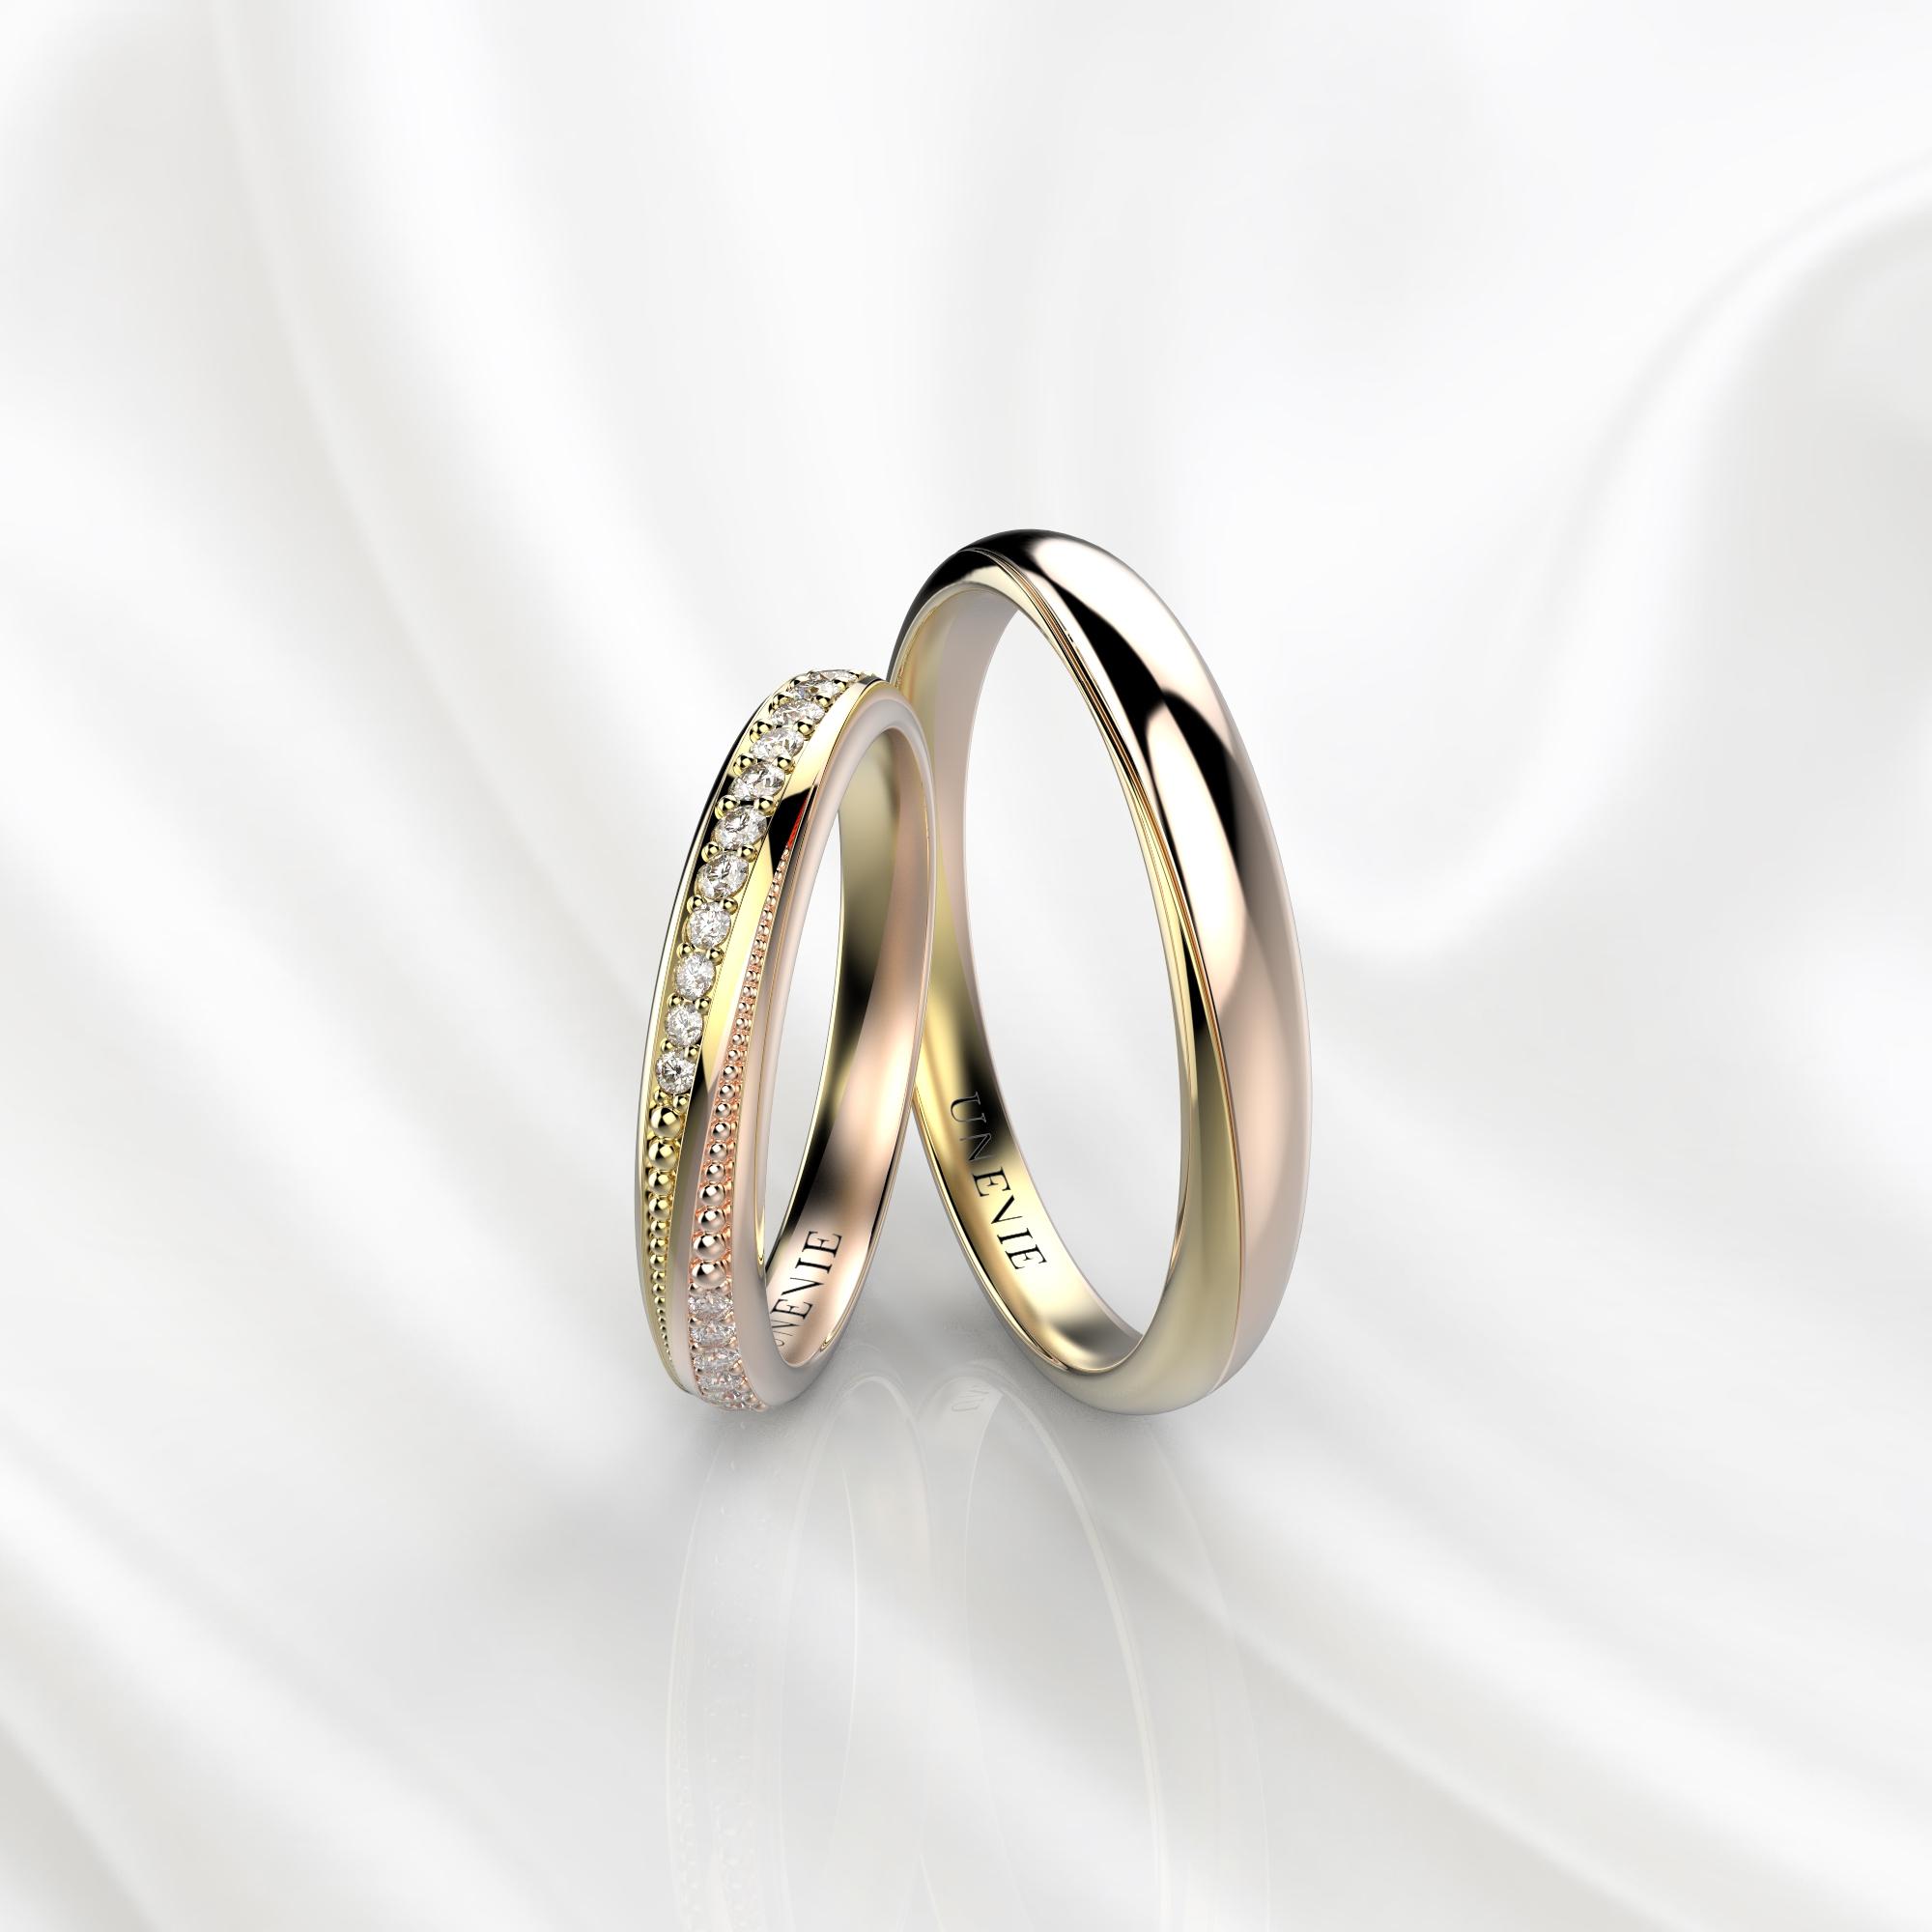 NV38 Обручальные кольца из желто-розового золота с бриллиантами